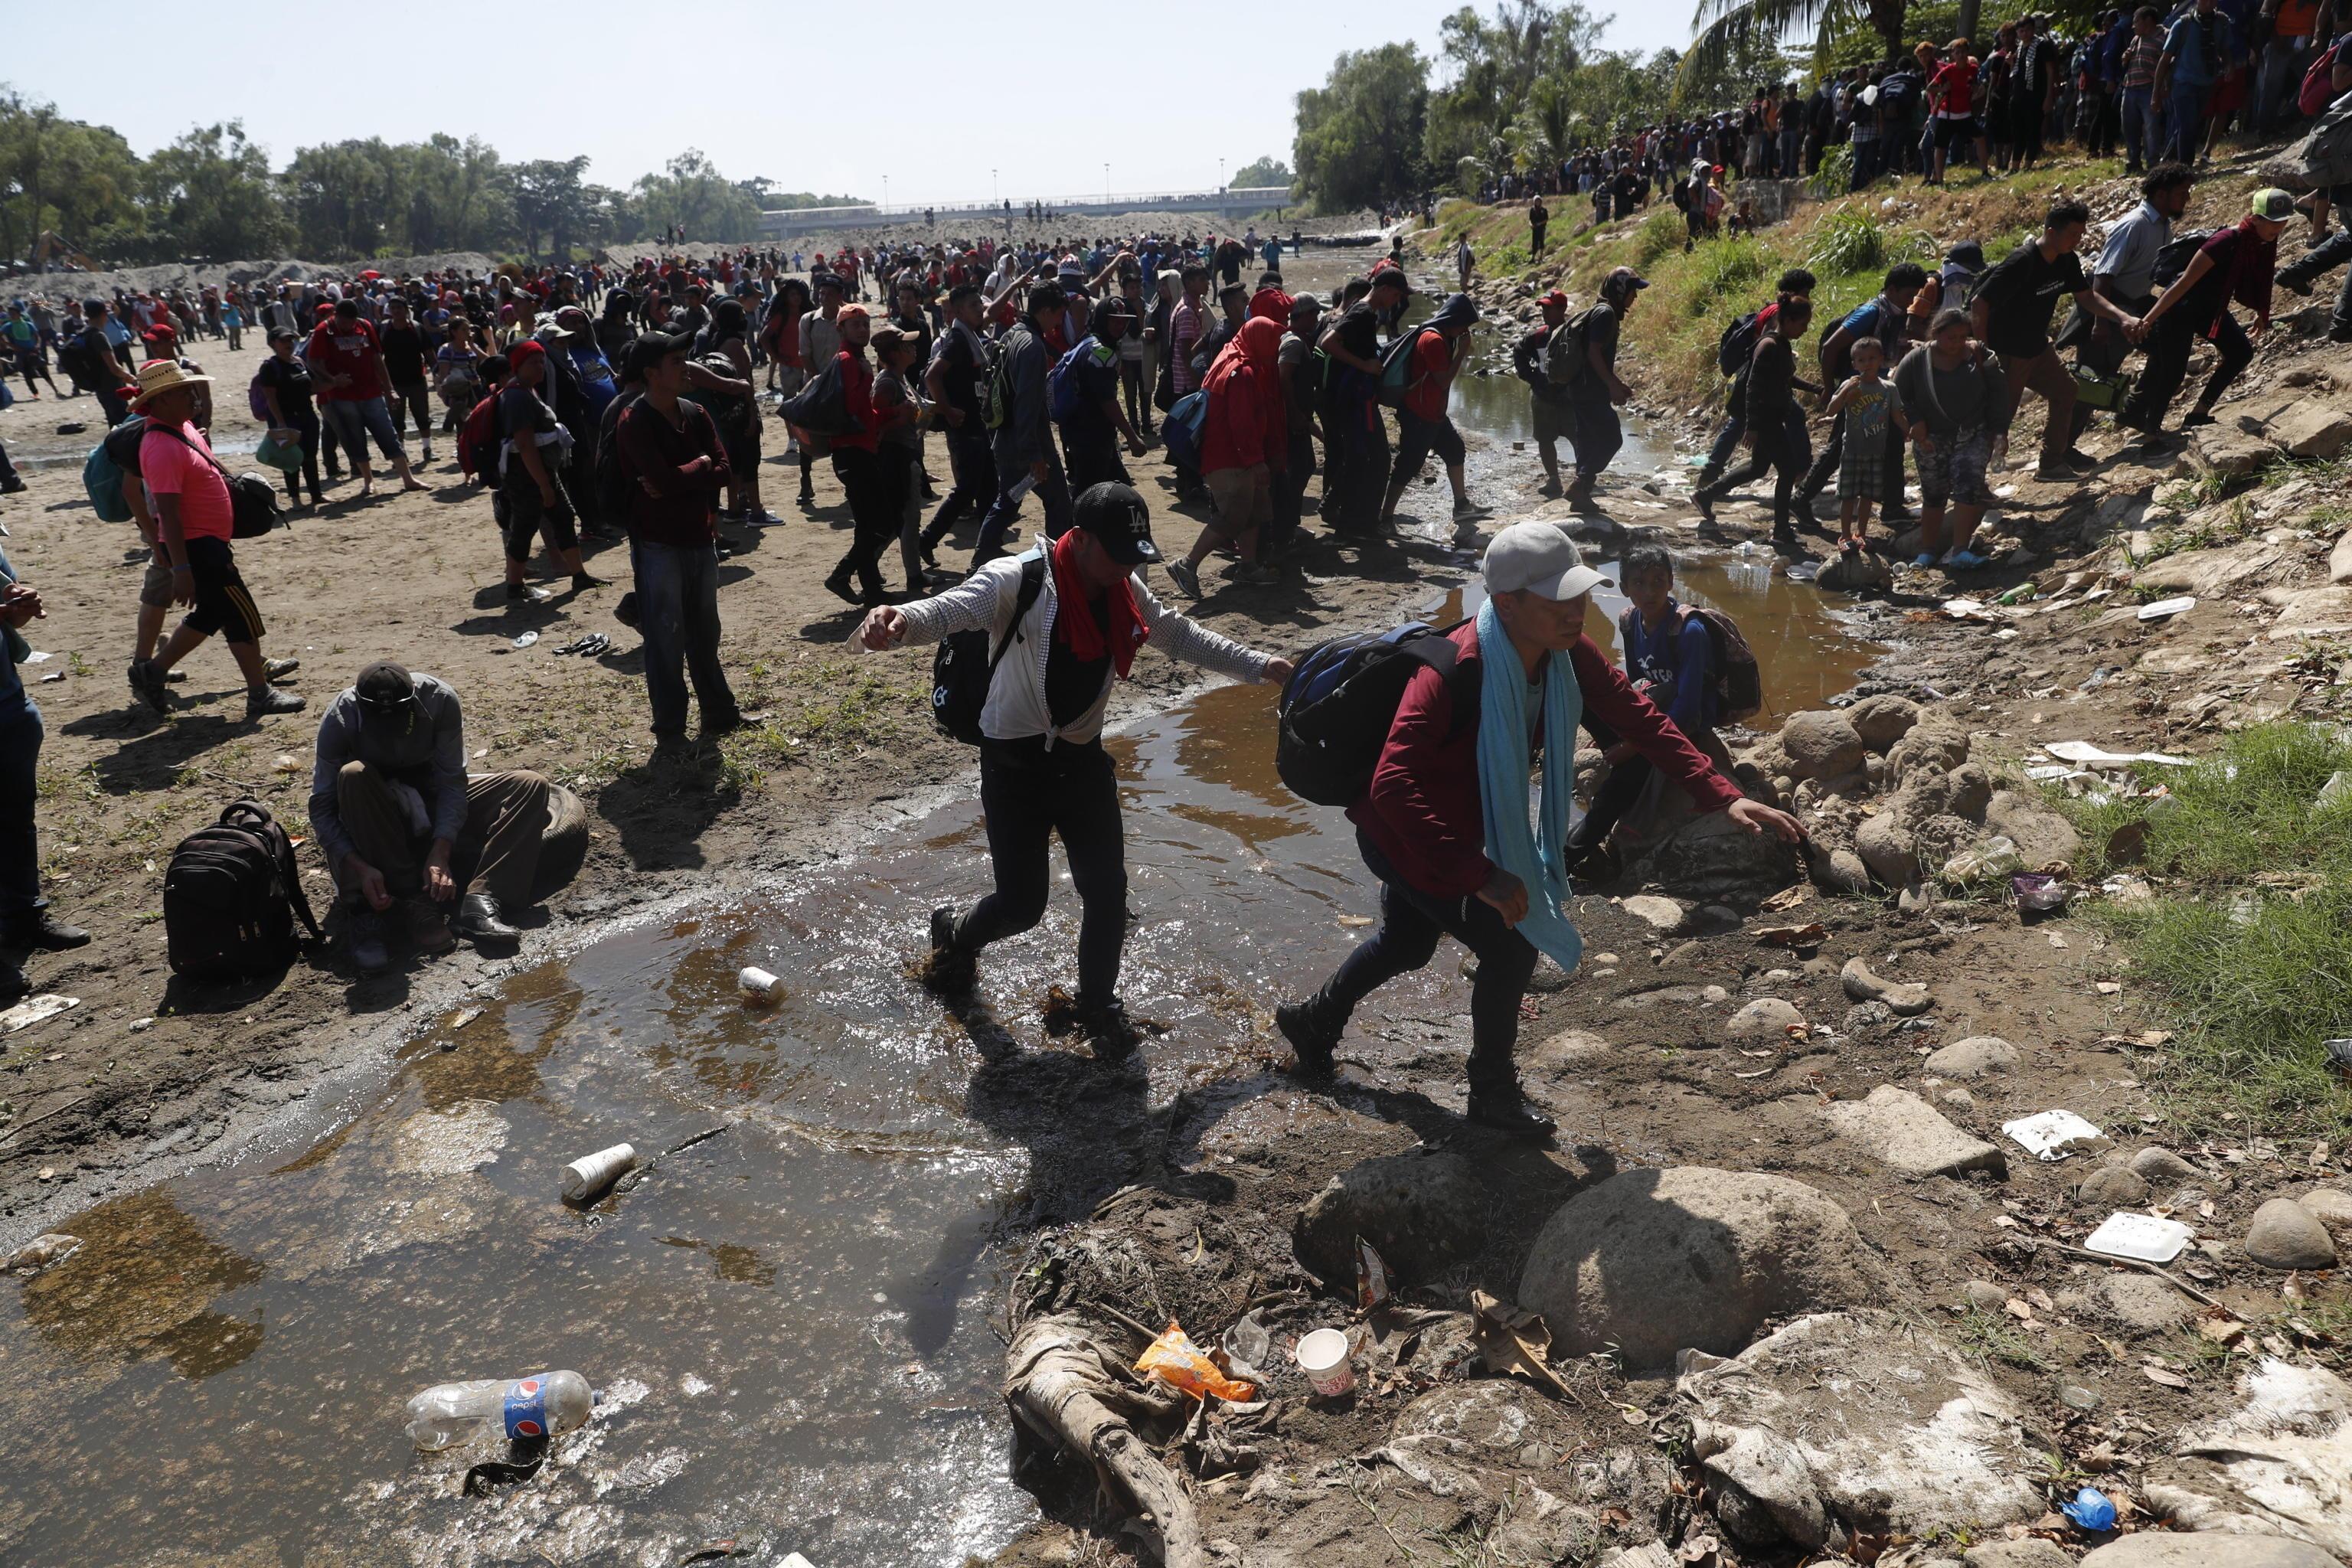 In centinaia hanno deciso di attraversare il corso d'acqua